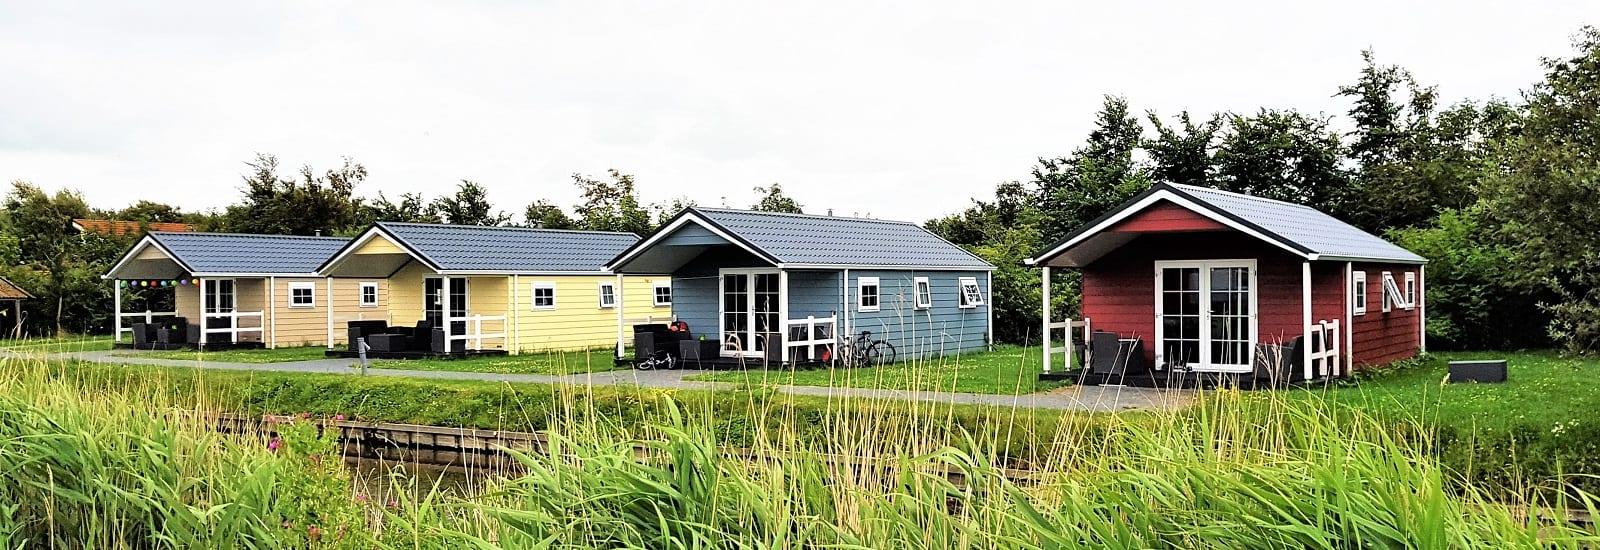 Mobilheim Lodge